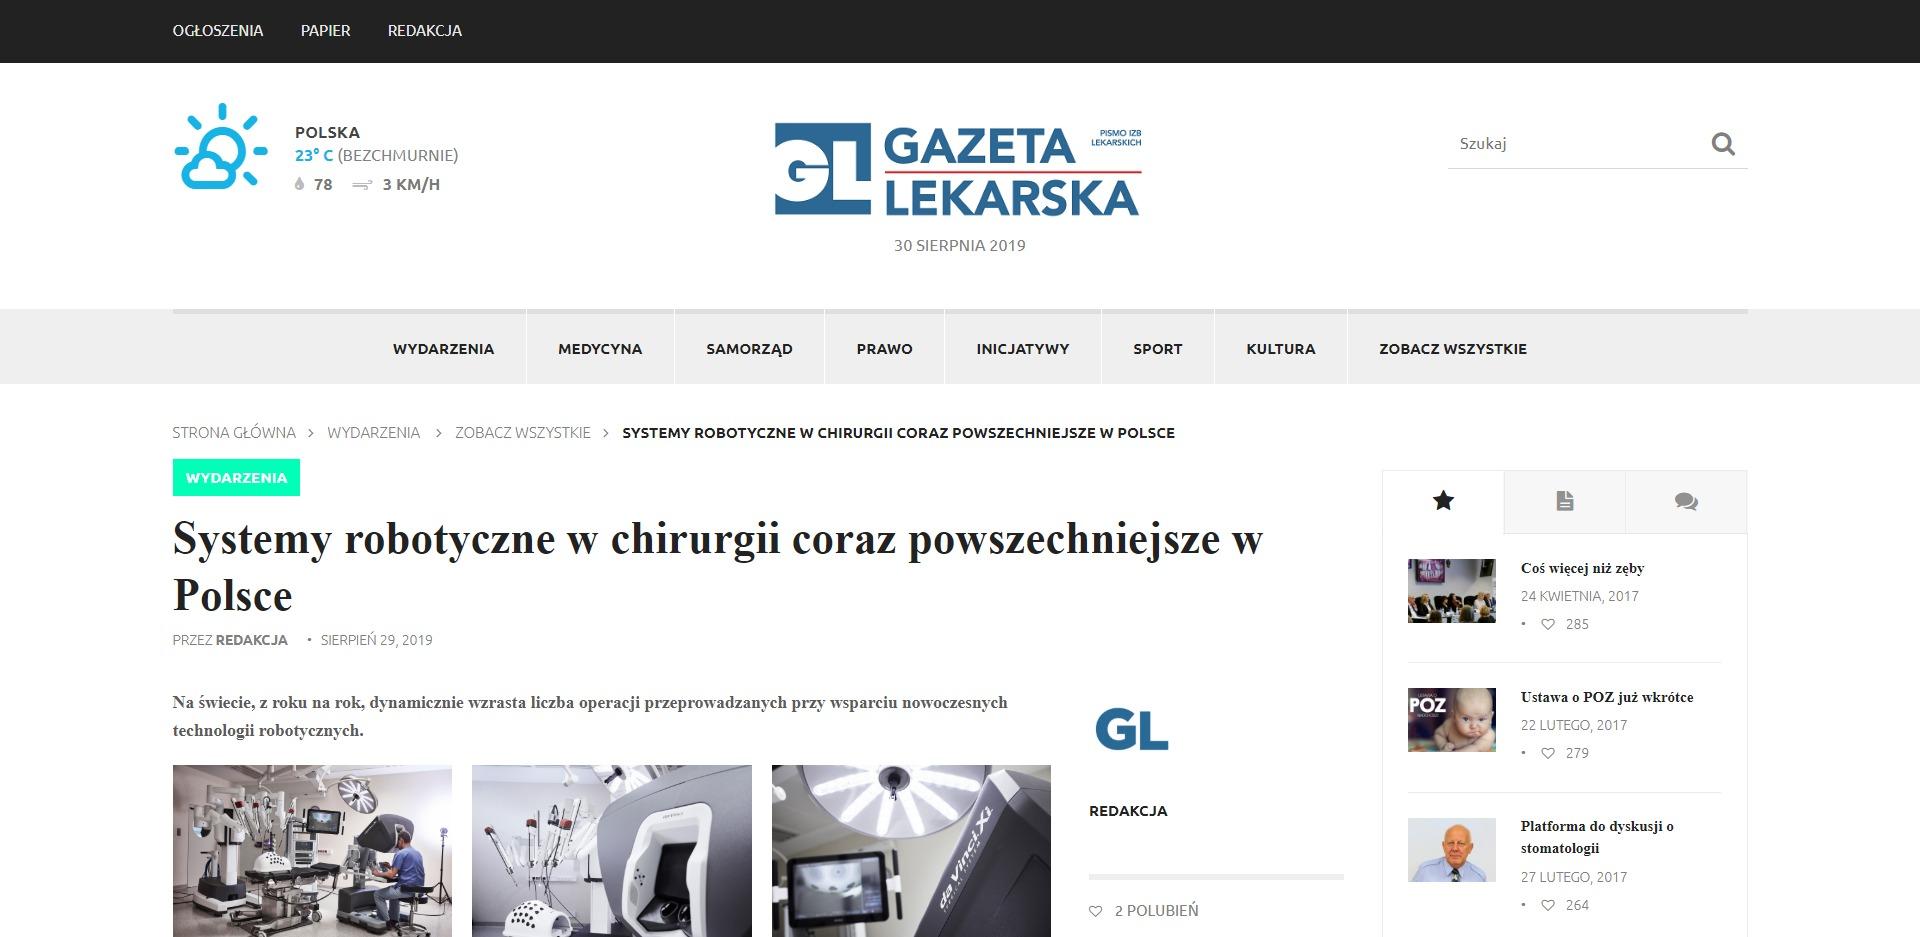 Systemy robotyczne w chirurgii coraz powszechniejsze w Polsce